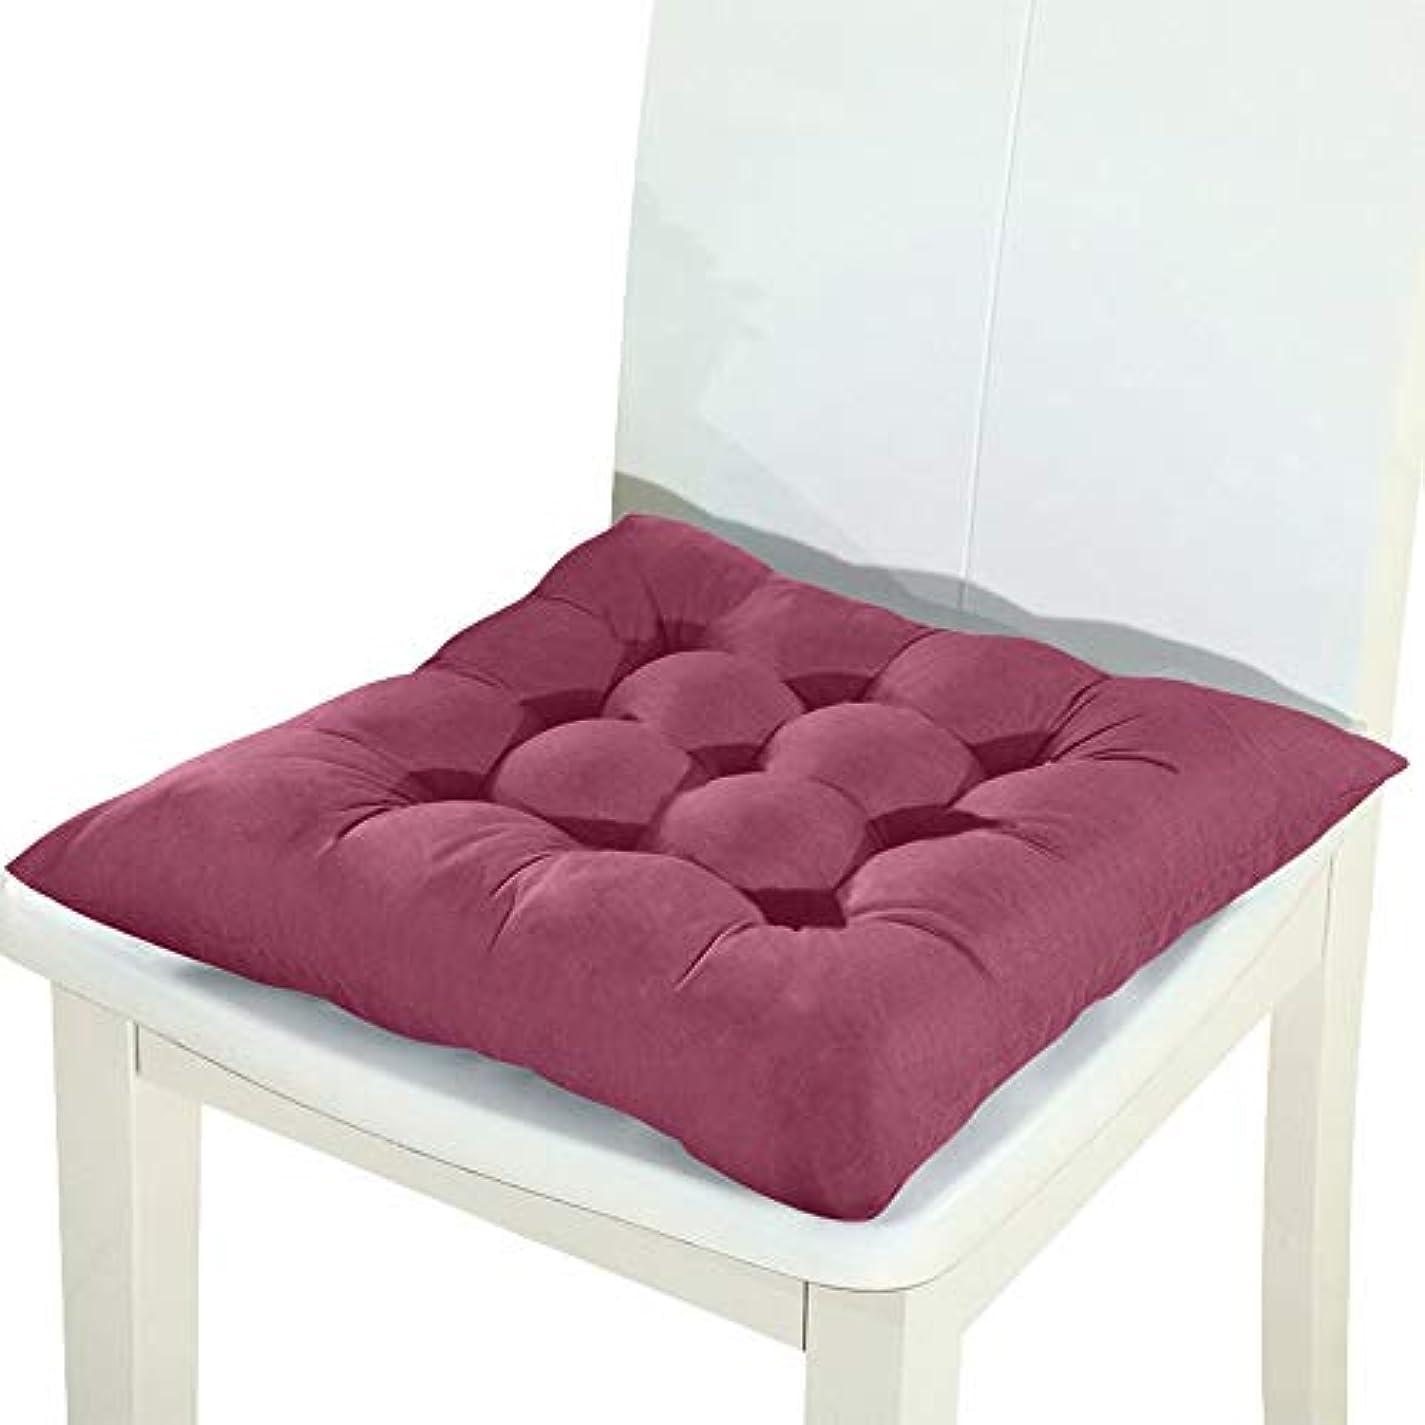 シェード協力傀儡LIFE 1/2/4 個冬オフィスバー椅子バックシートクッションシートクッションパッドソファ枕臀部椅子クッション 37 × 37 センチメートル クッション 椅子